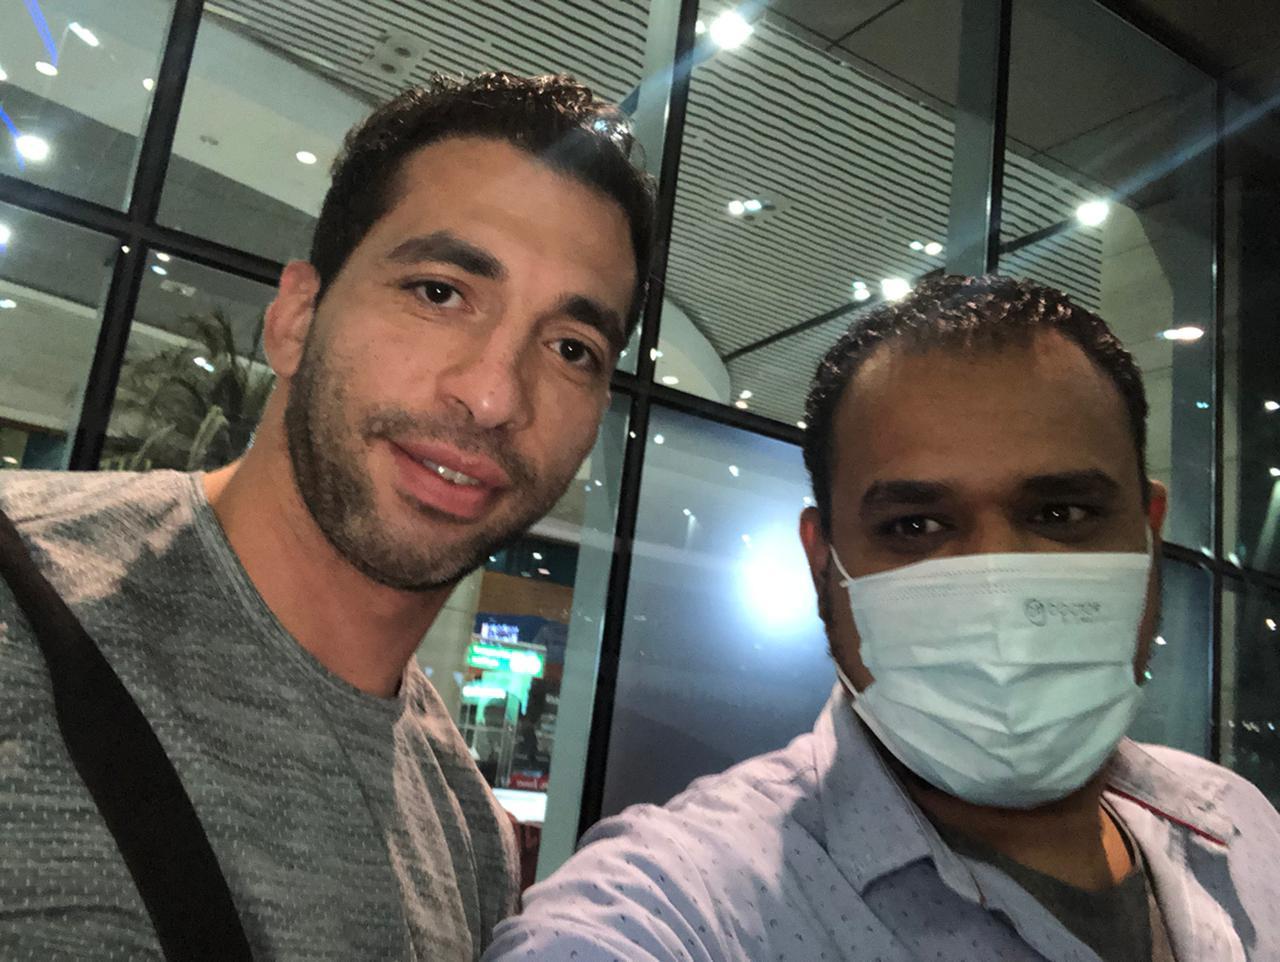 بعثة الزمالك لكرة اليد تصل القاهرة بعد انتهاء مشوارها ببطولة العالم للأندية  (5)